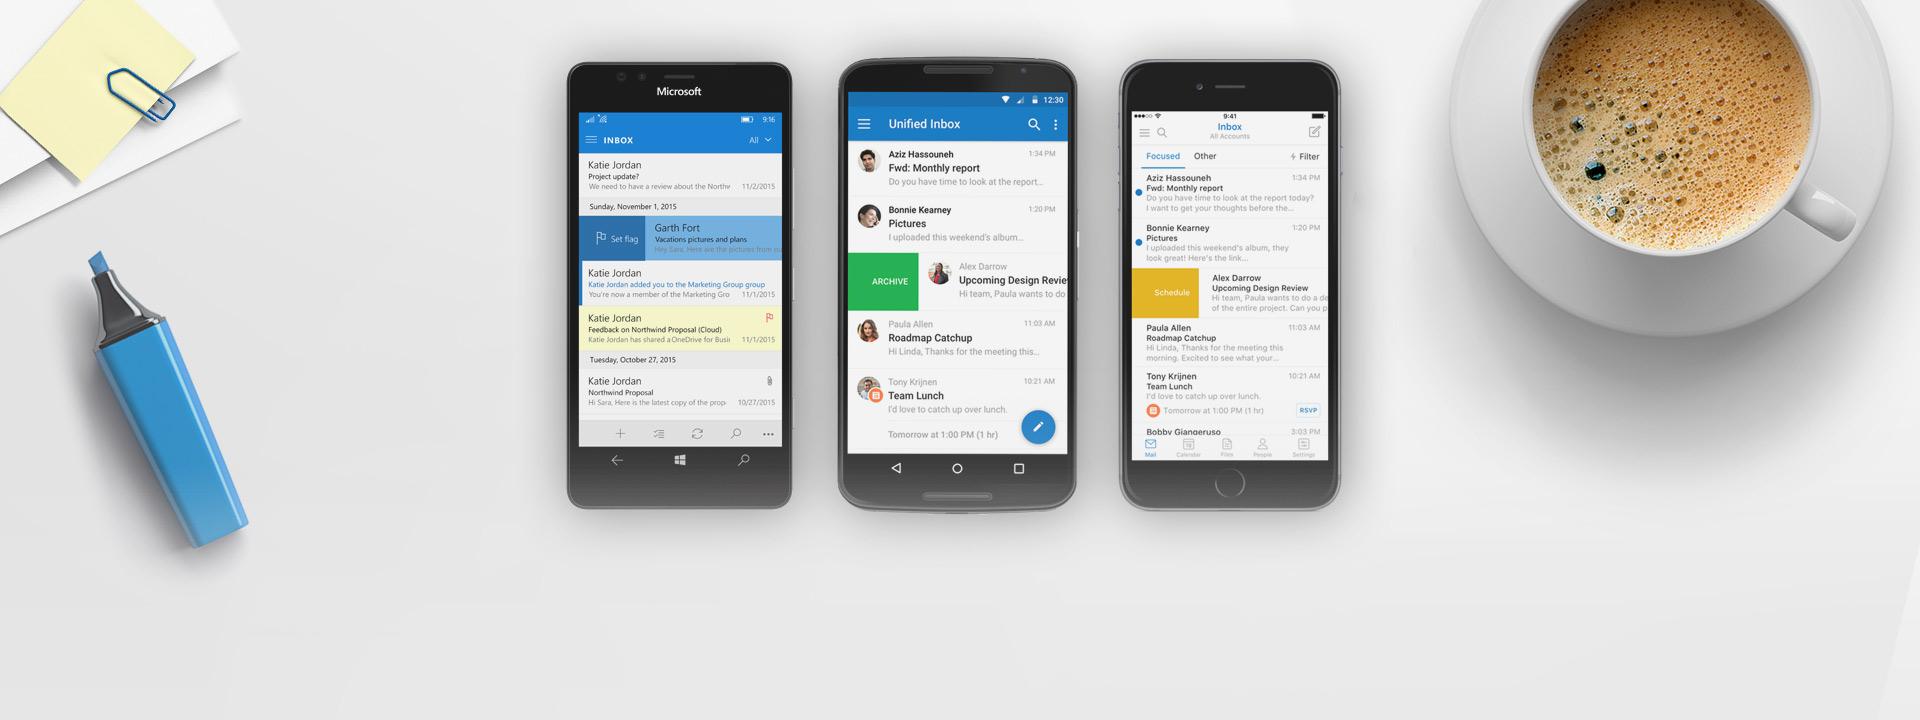 Συσκευές Windows Phone, iPhone και τηλέφωνο Android με την εφαρμογή Outlook στις οθόνες τους